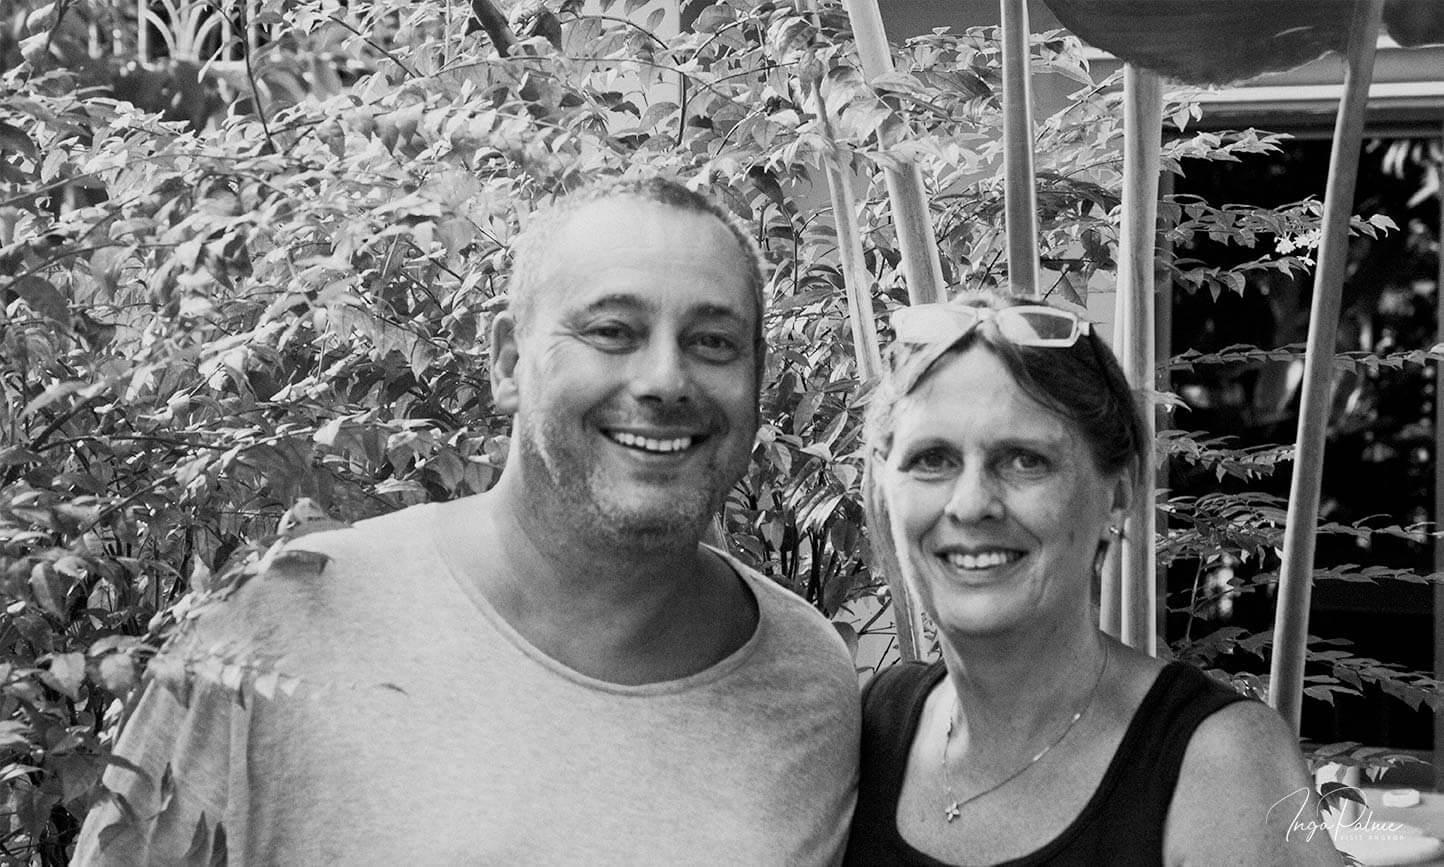 Auswandern nach Kambodscha: Manuela hat's mit Eric getan